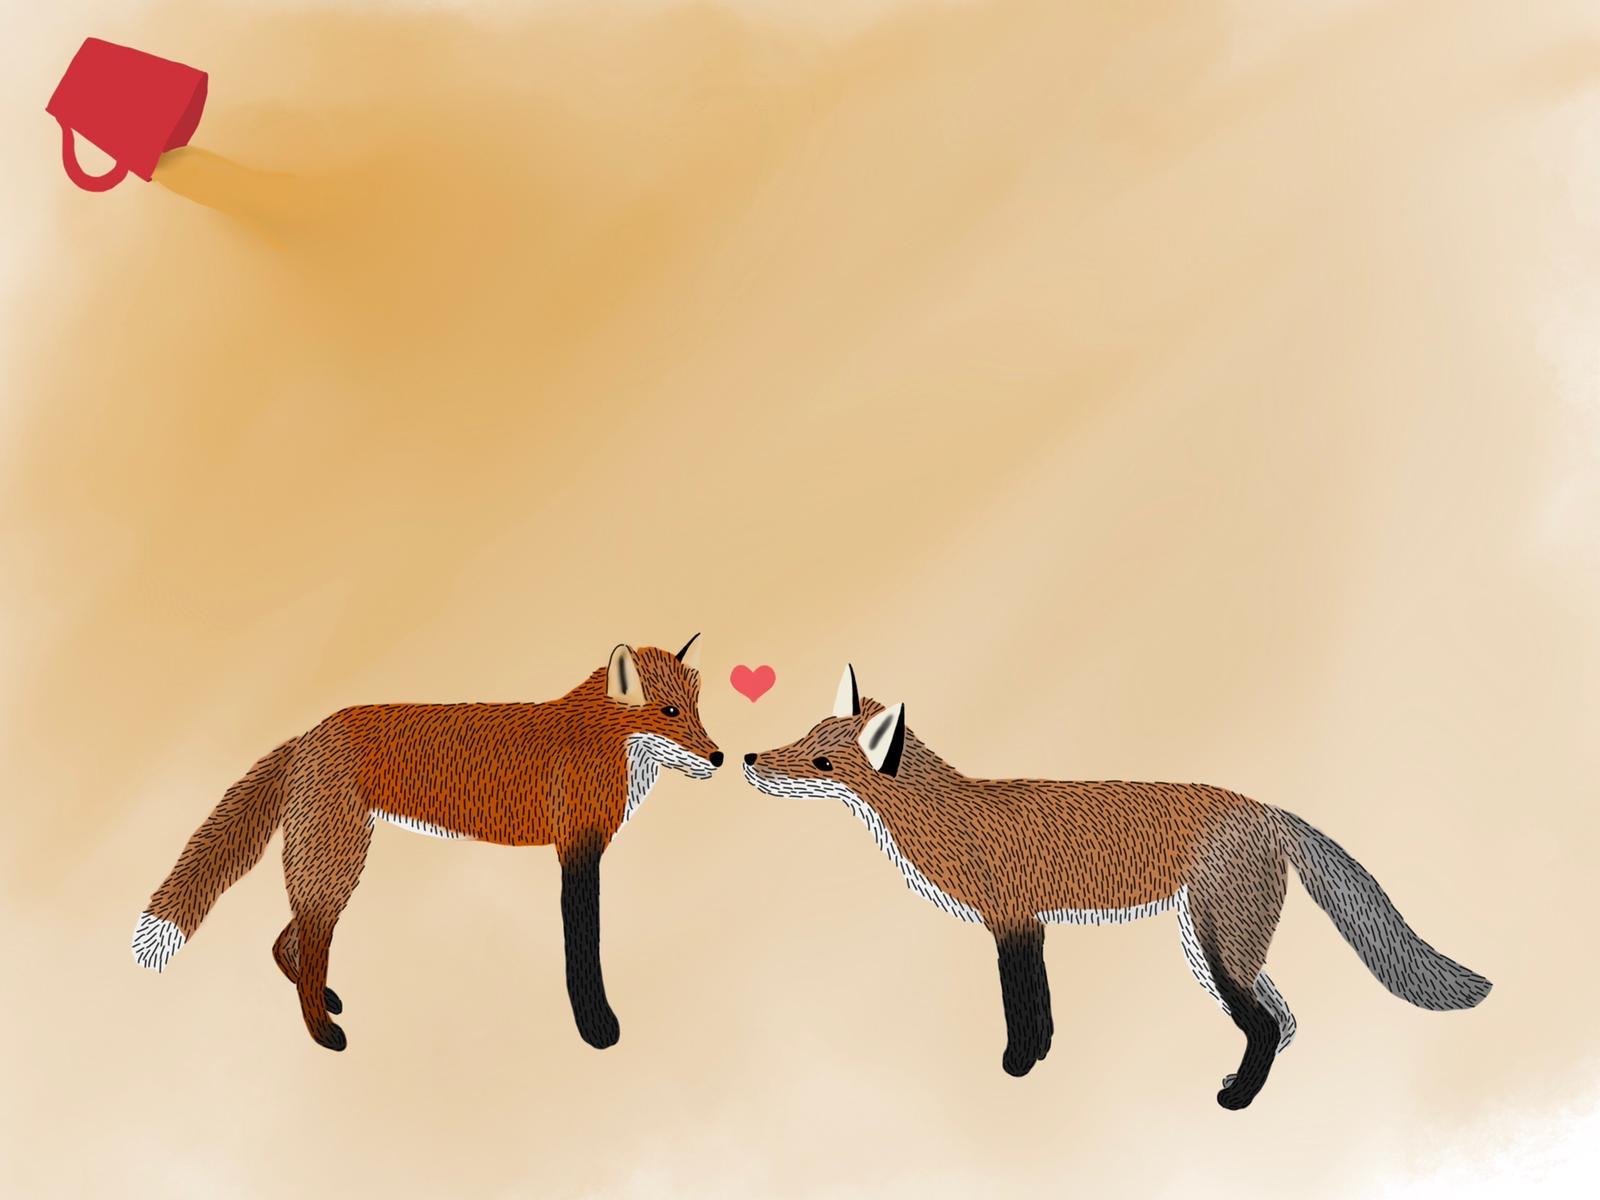 Fox, Ears, Love, Coffee